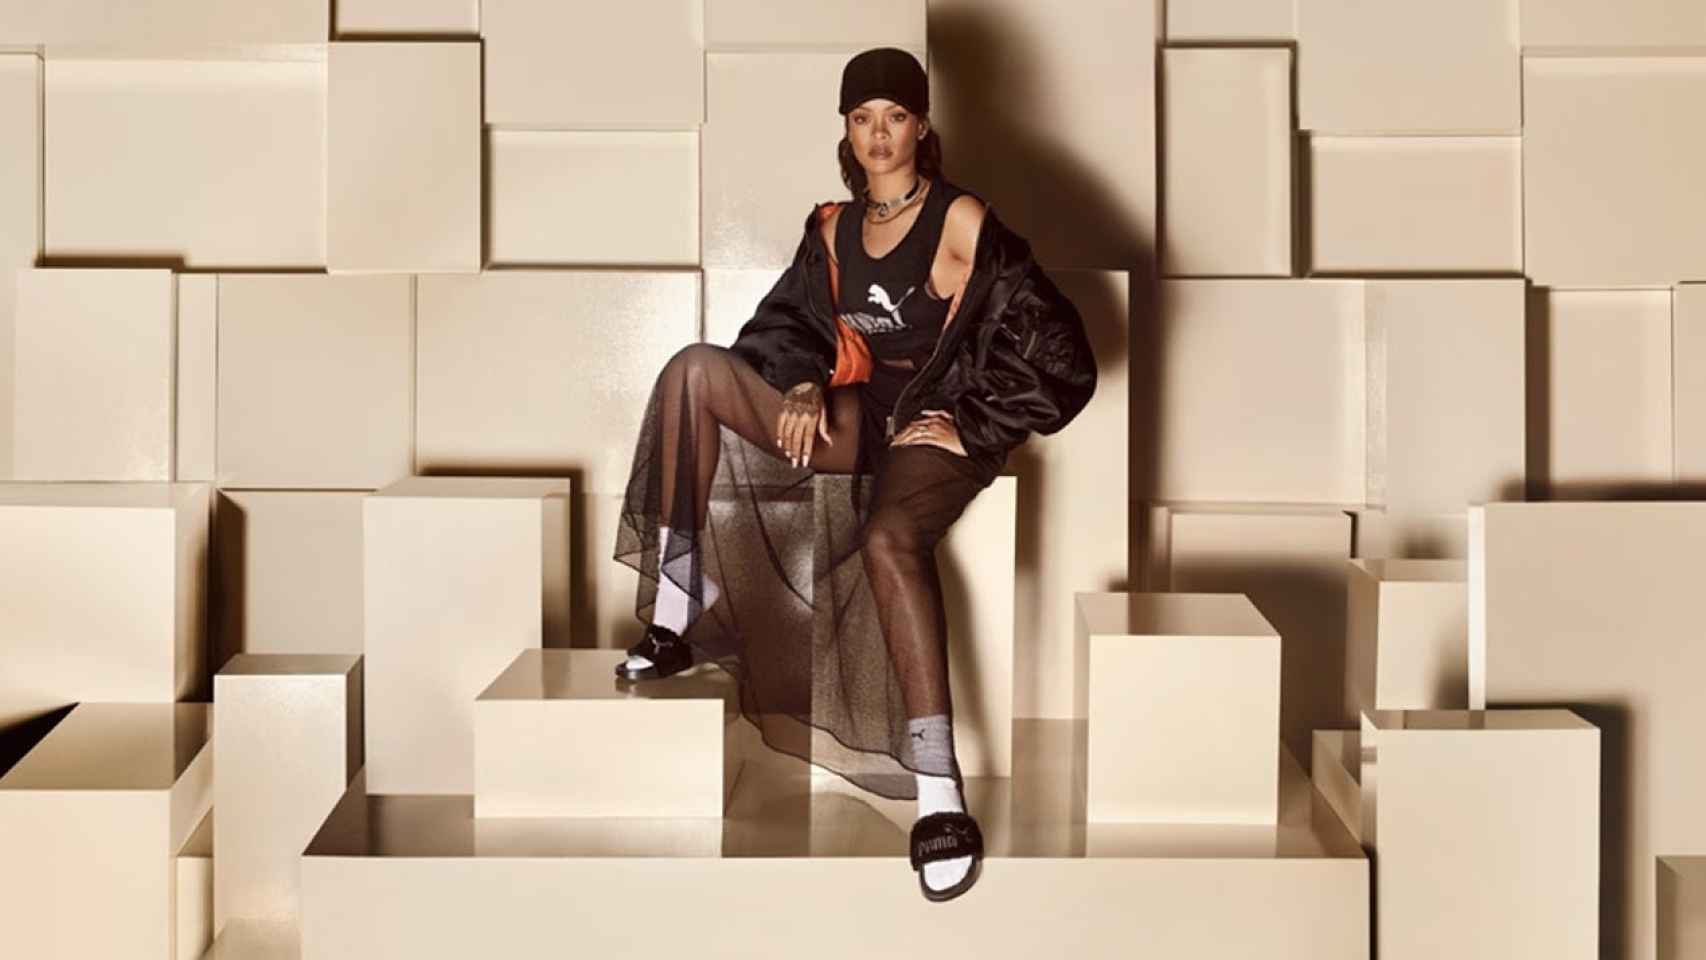 Colaboración de Rihanna con Puma para la creación de Fenty.